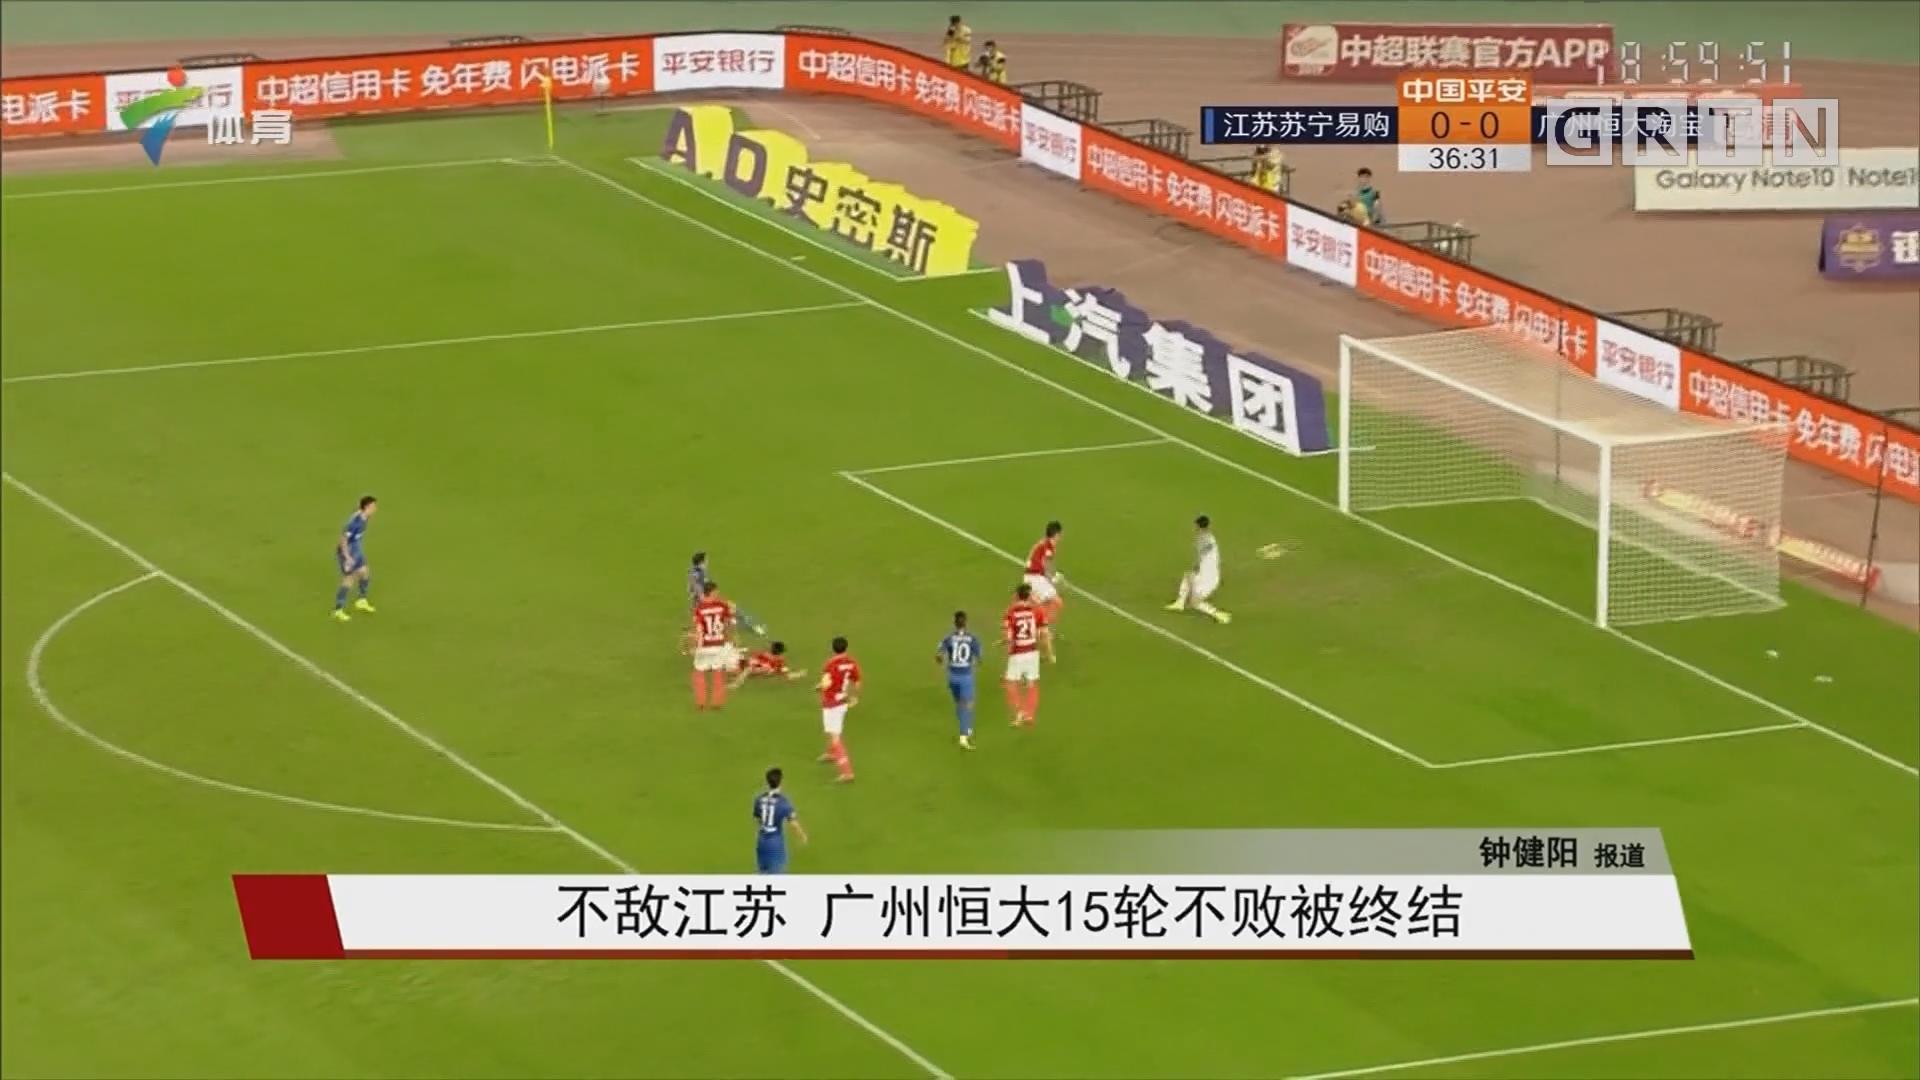 不敌江苏 广州恒大15轮不败被终结